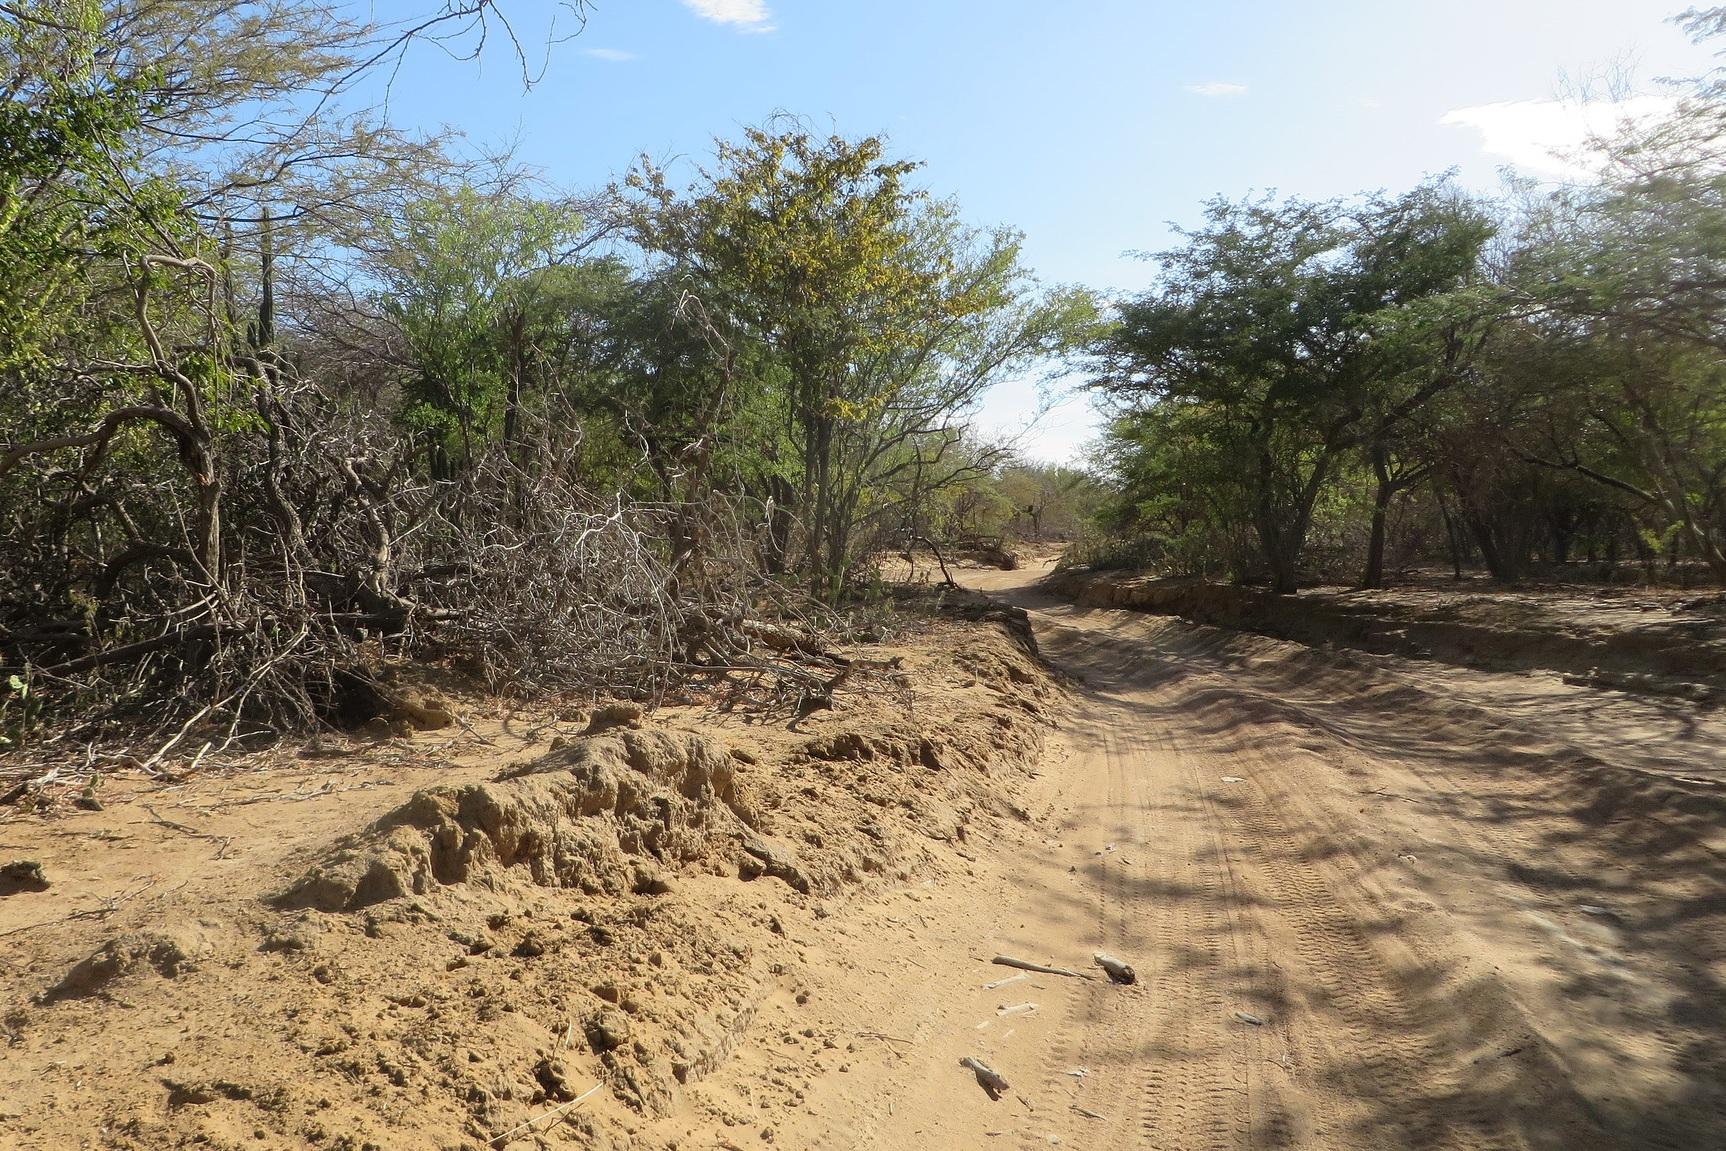 Shrubs and dry terrain, La Guajira, Colombia